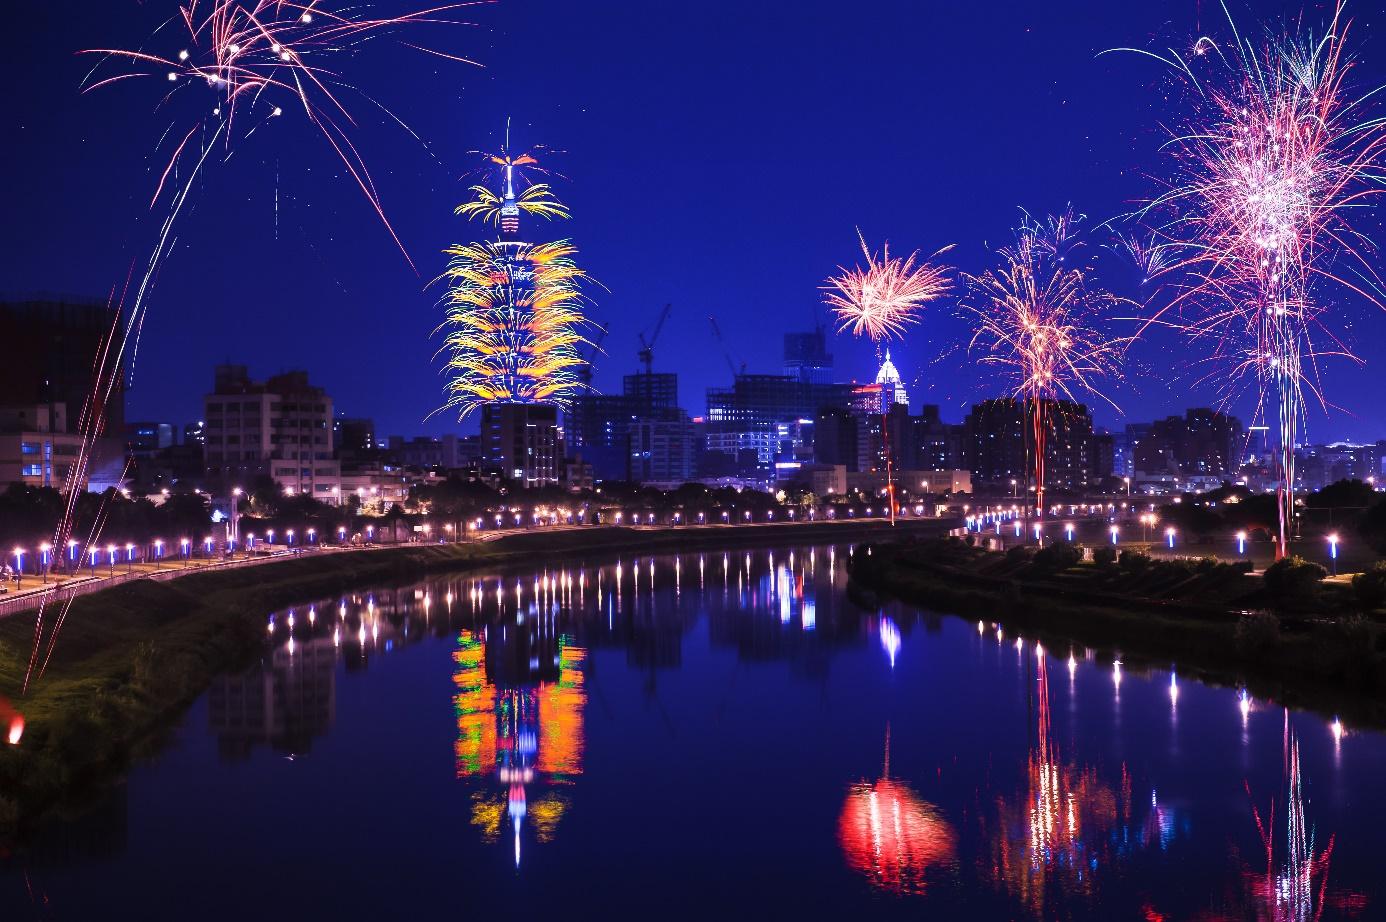 ทัวร์ไต้หวัน  TAIWAN holiday COUTDOWN